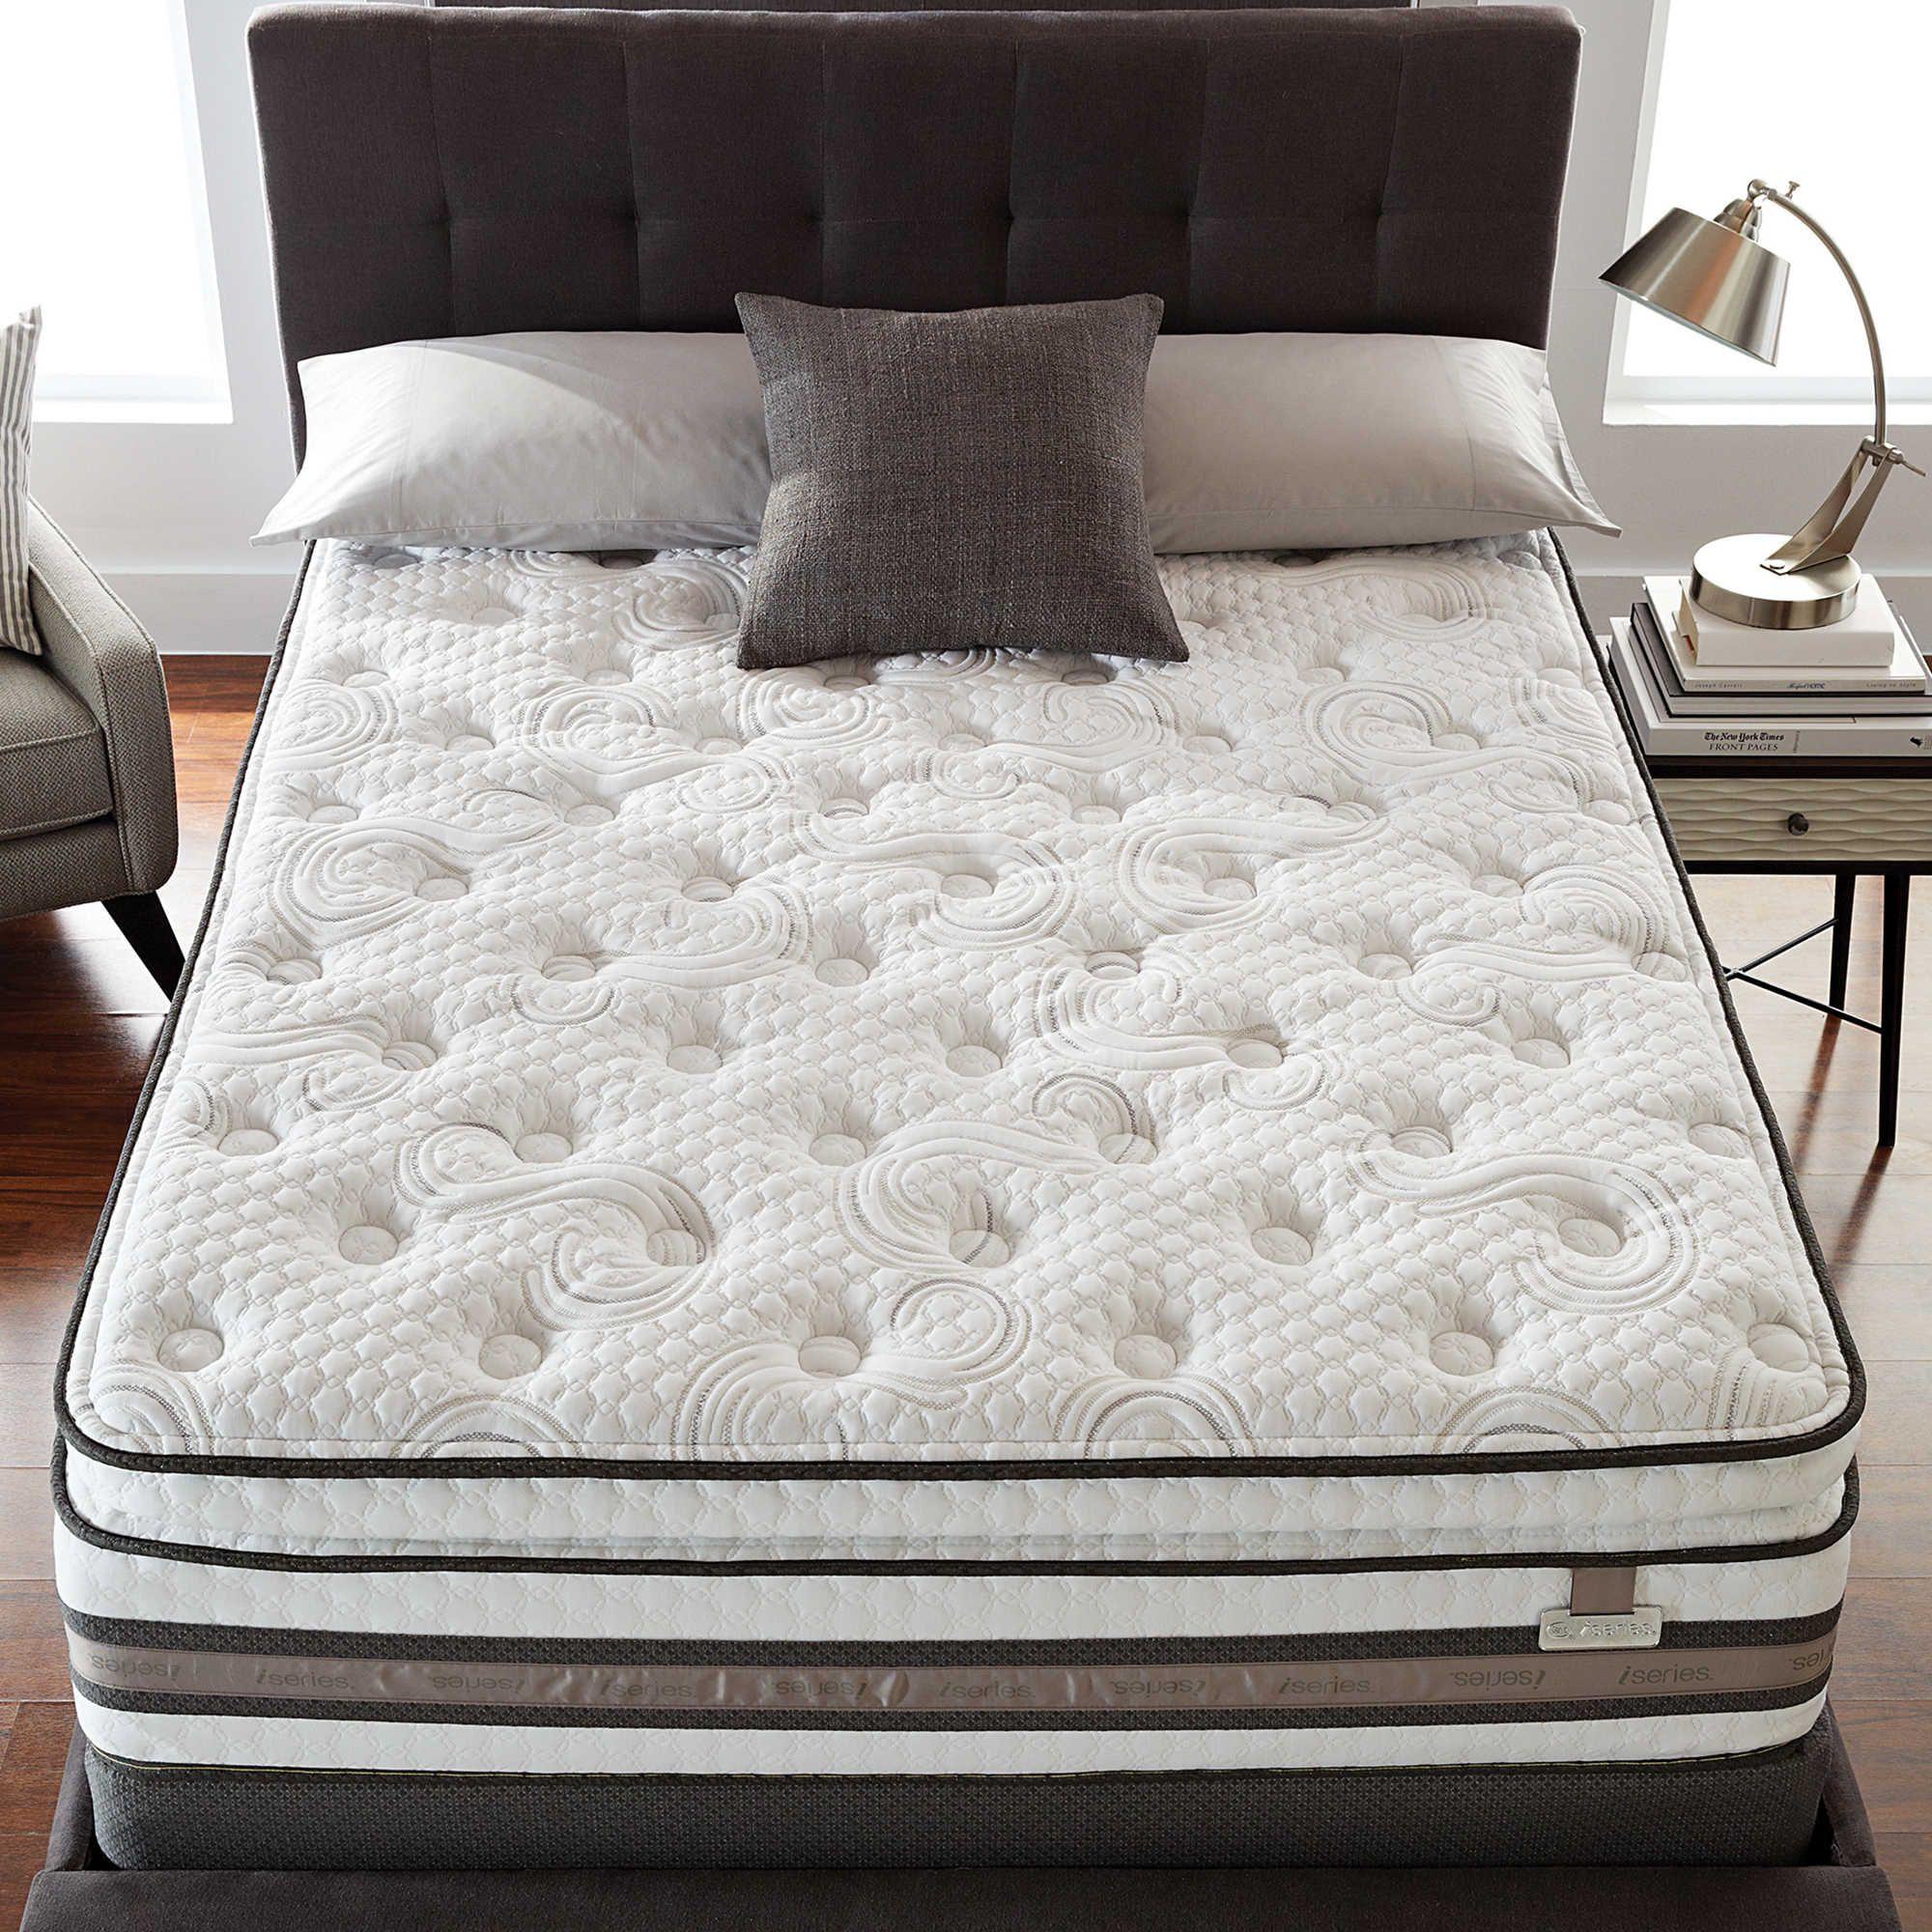 op twin false beautyrest top sharpen wid prod firm pillow westbrook mattress hei p platinum luxury